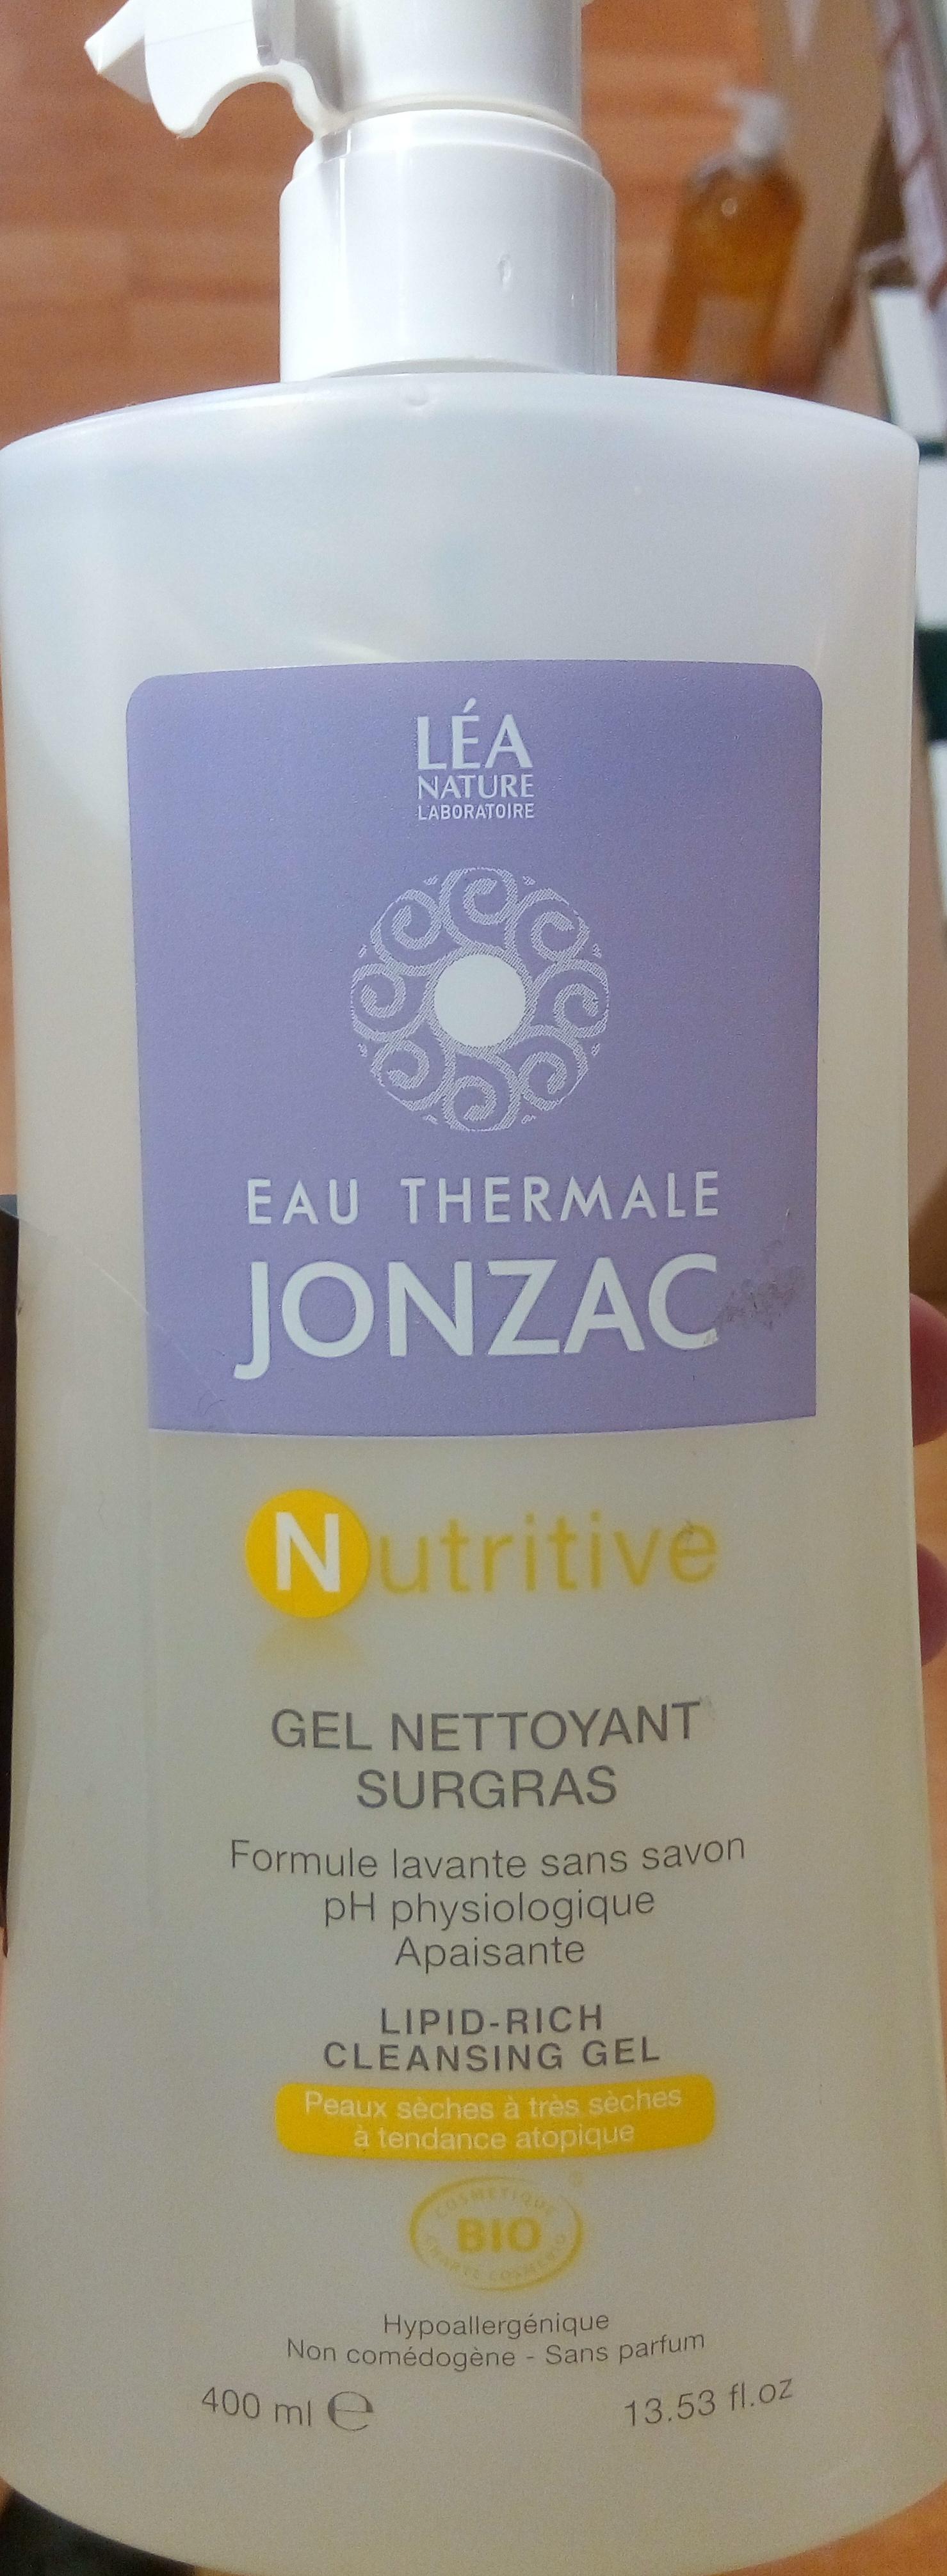 Nutritive Gel nettoyant surgras - Product - fr